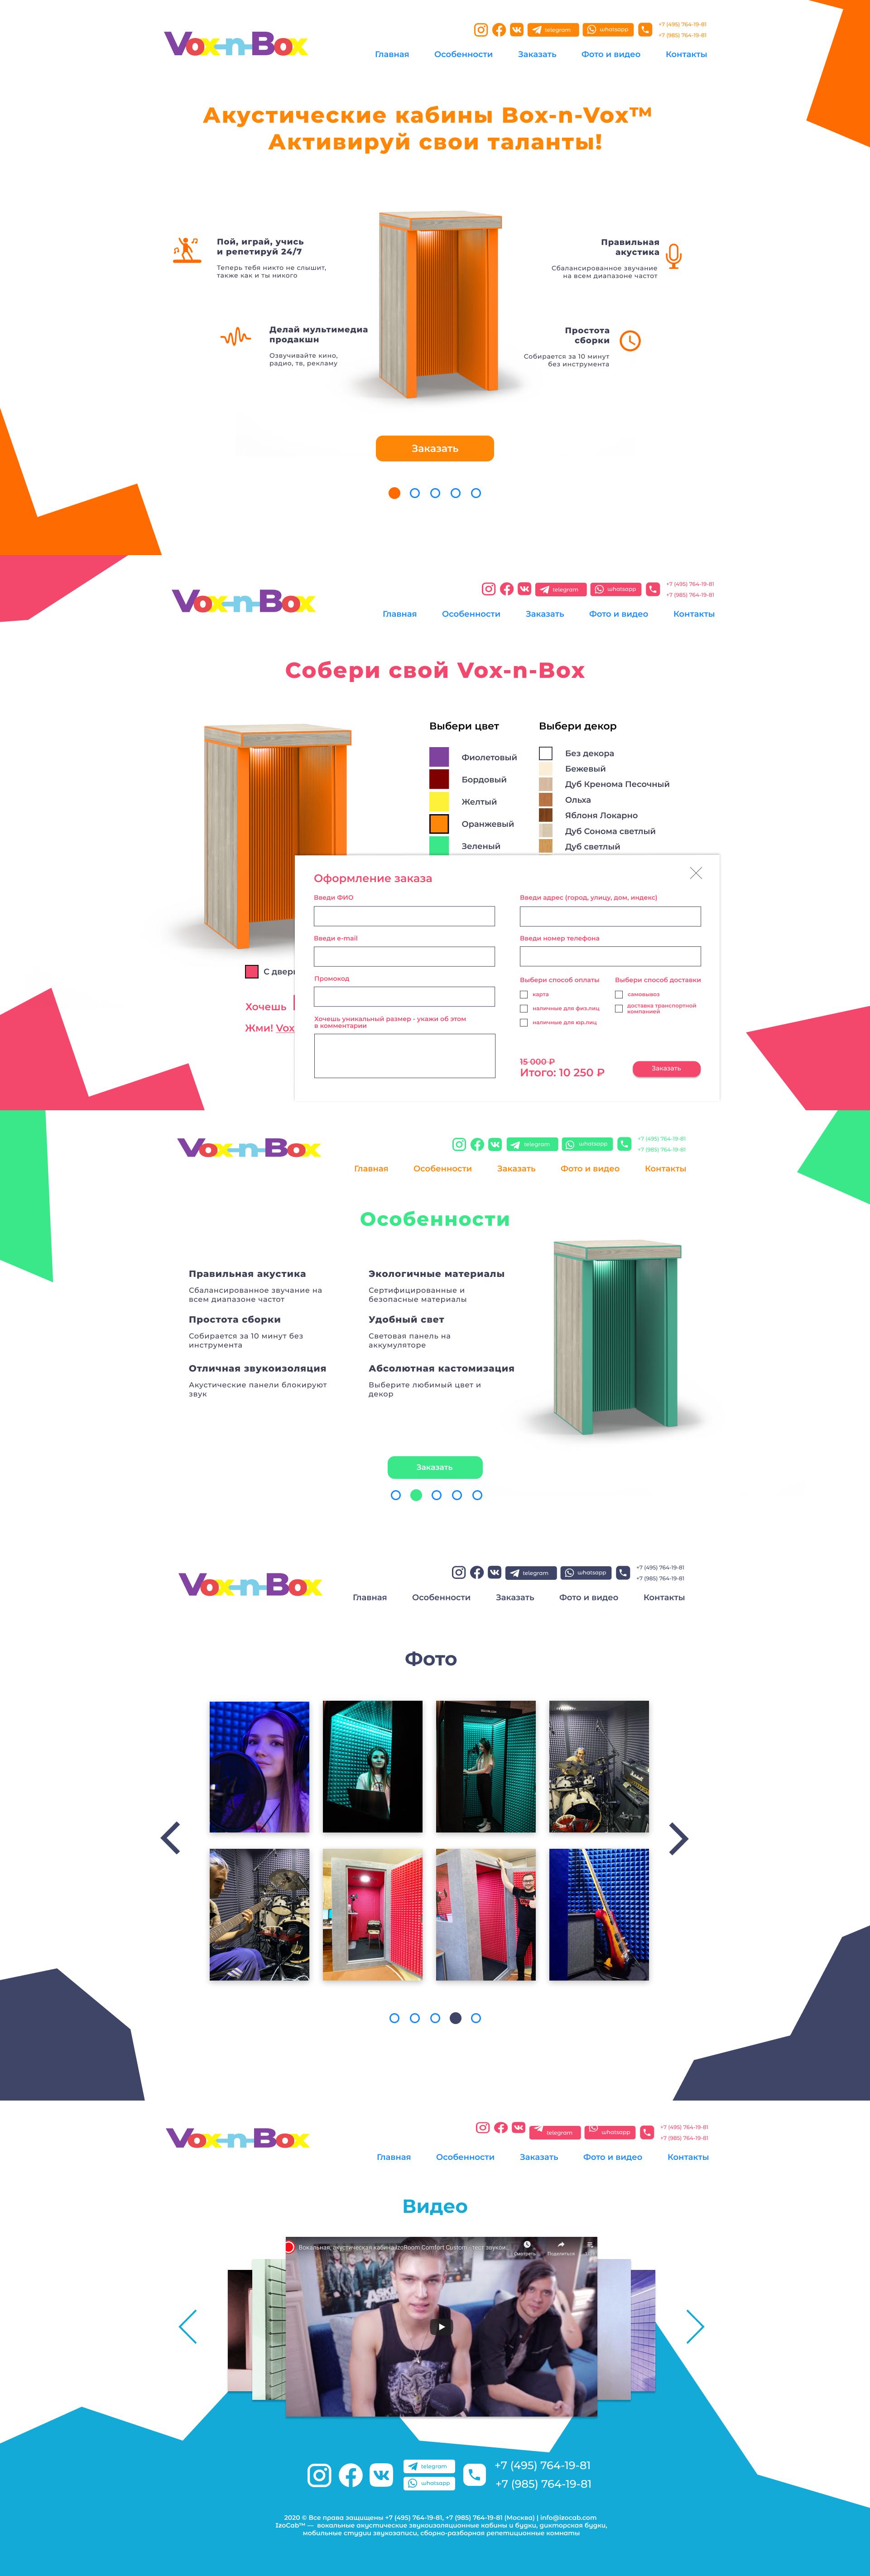 Vox-n-box